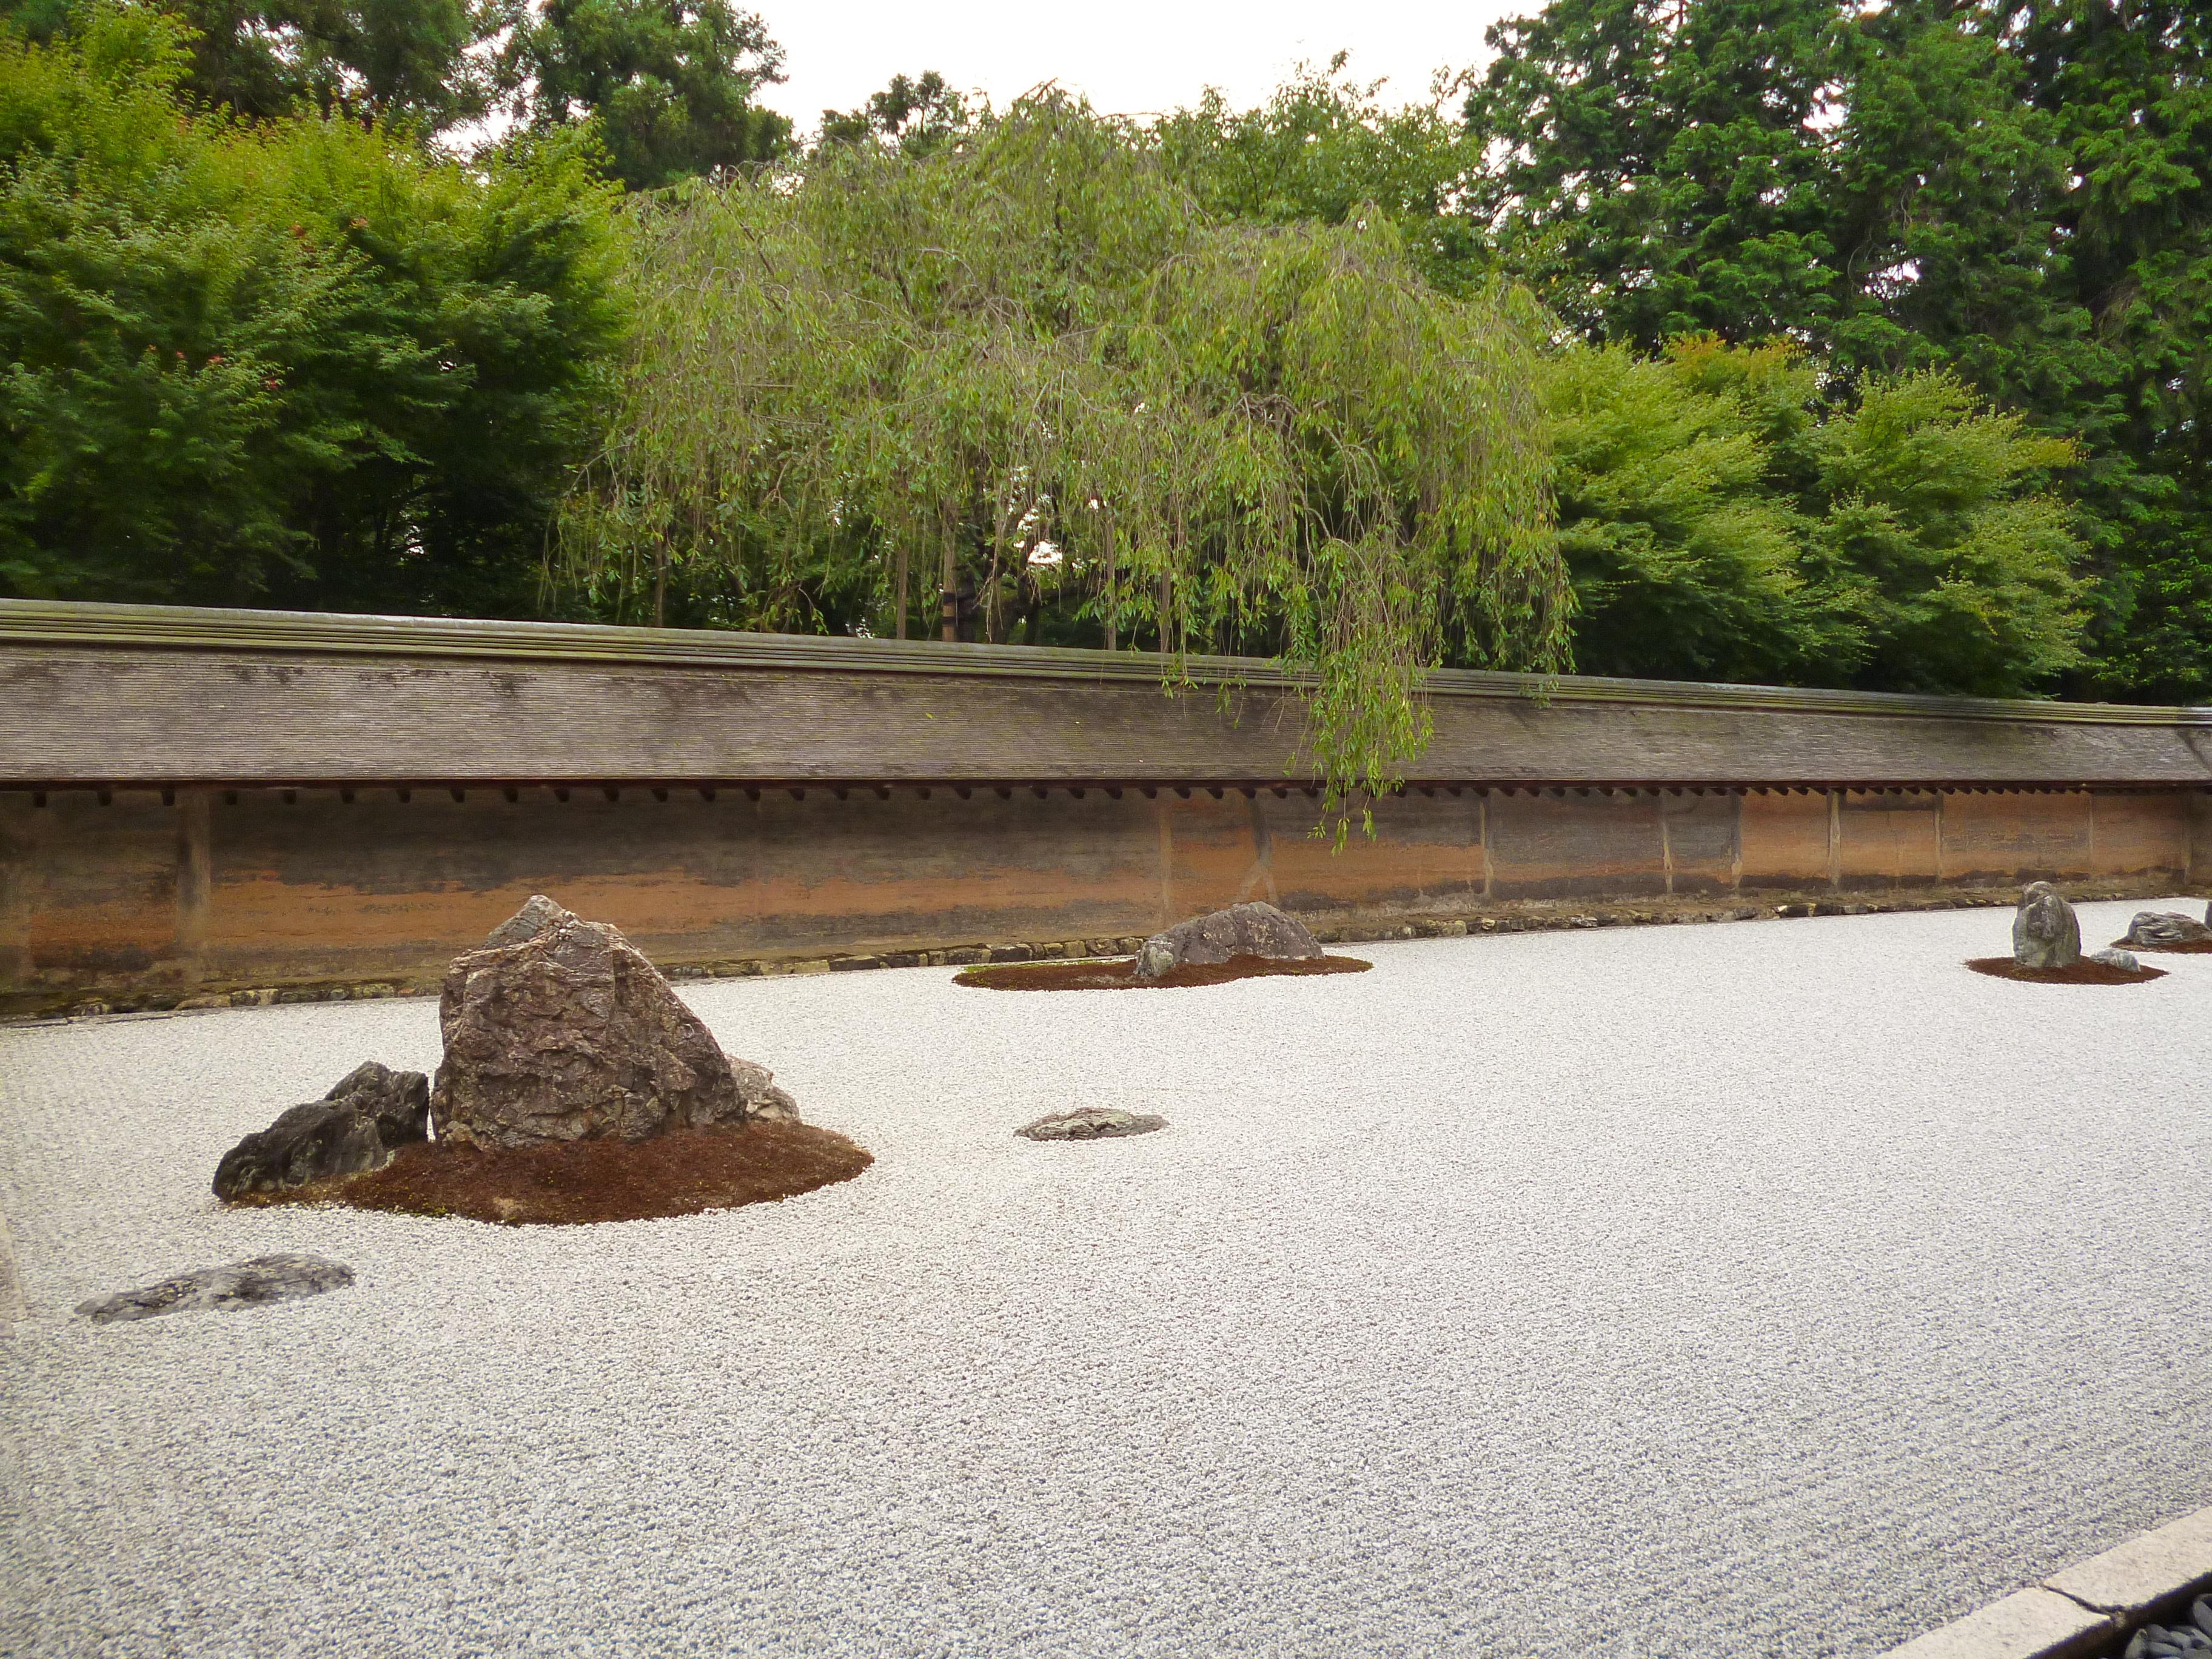 Jardin de piedra gallery of mesa para jardin de piedra - Jardin piedras decorativas ...